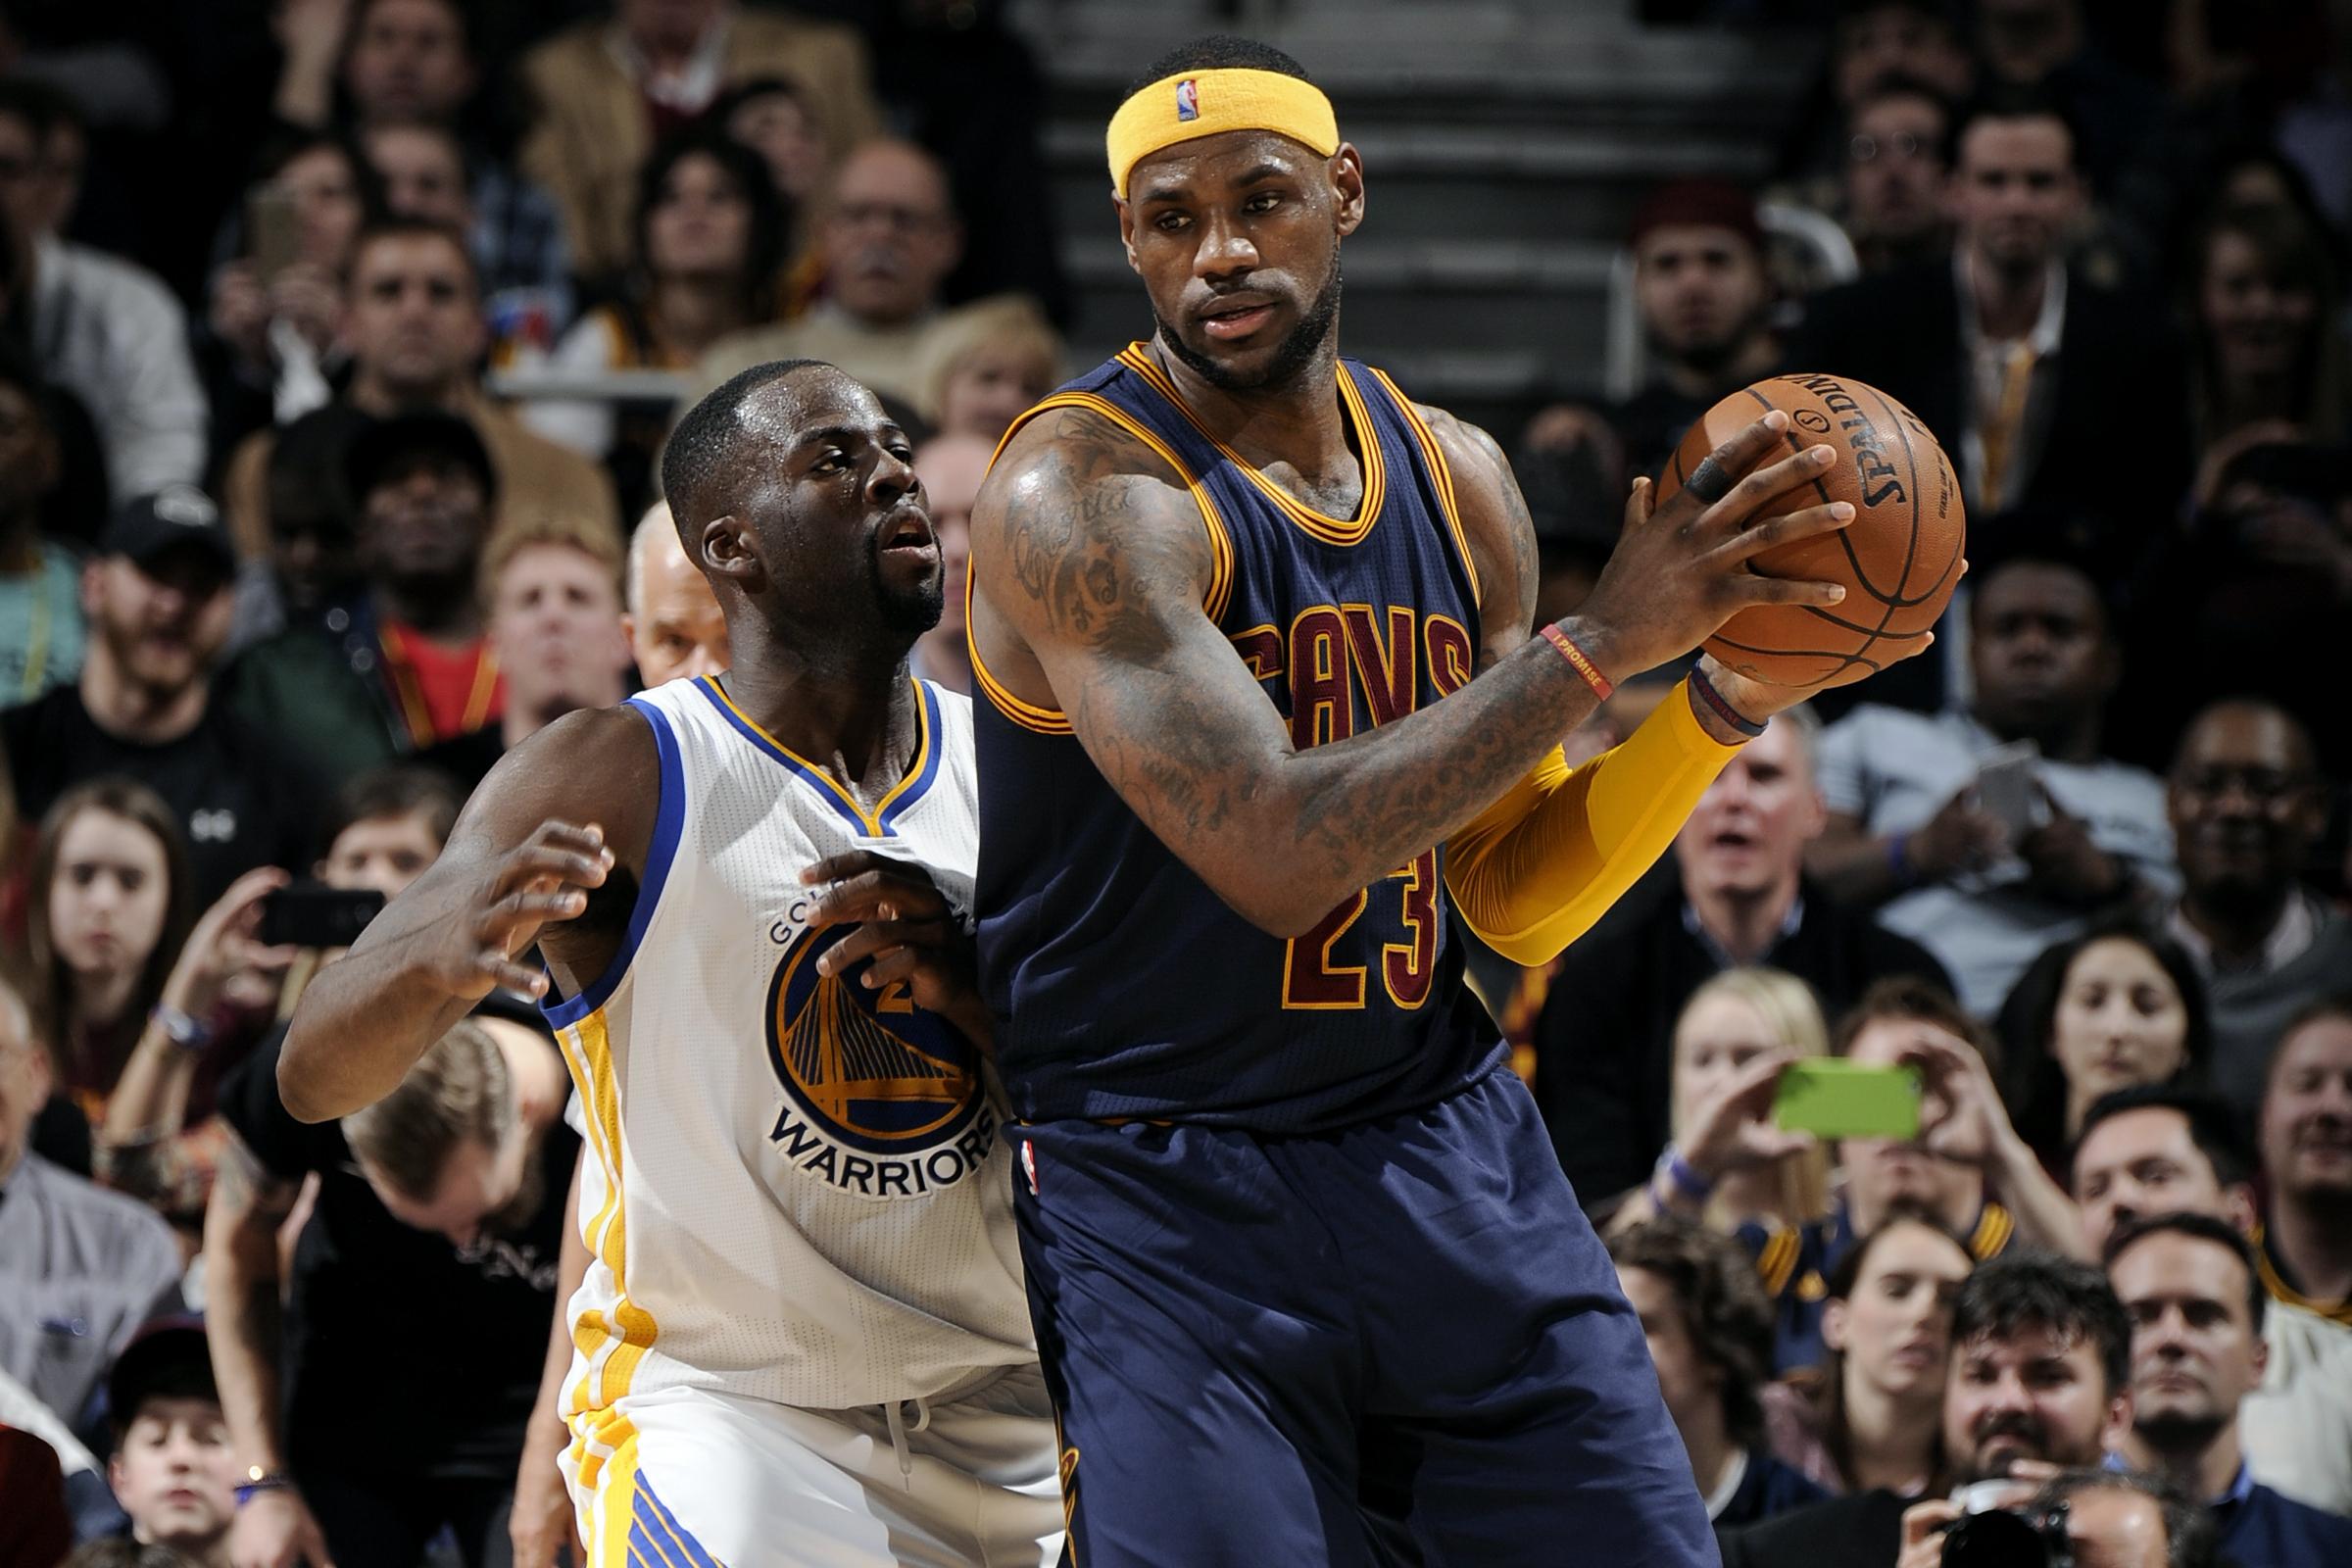 warriors vs cavaliers - photo #32